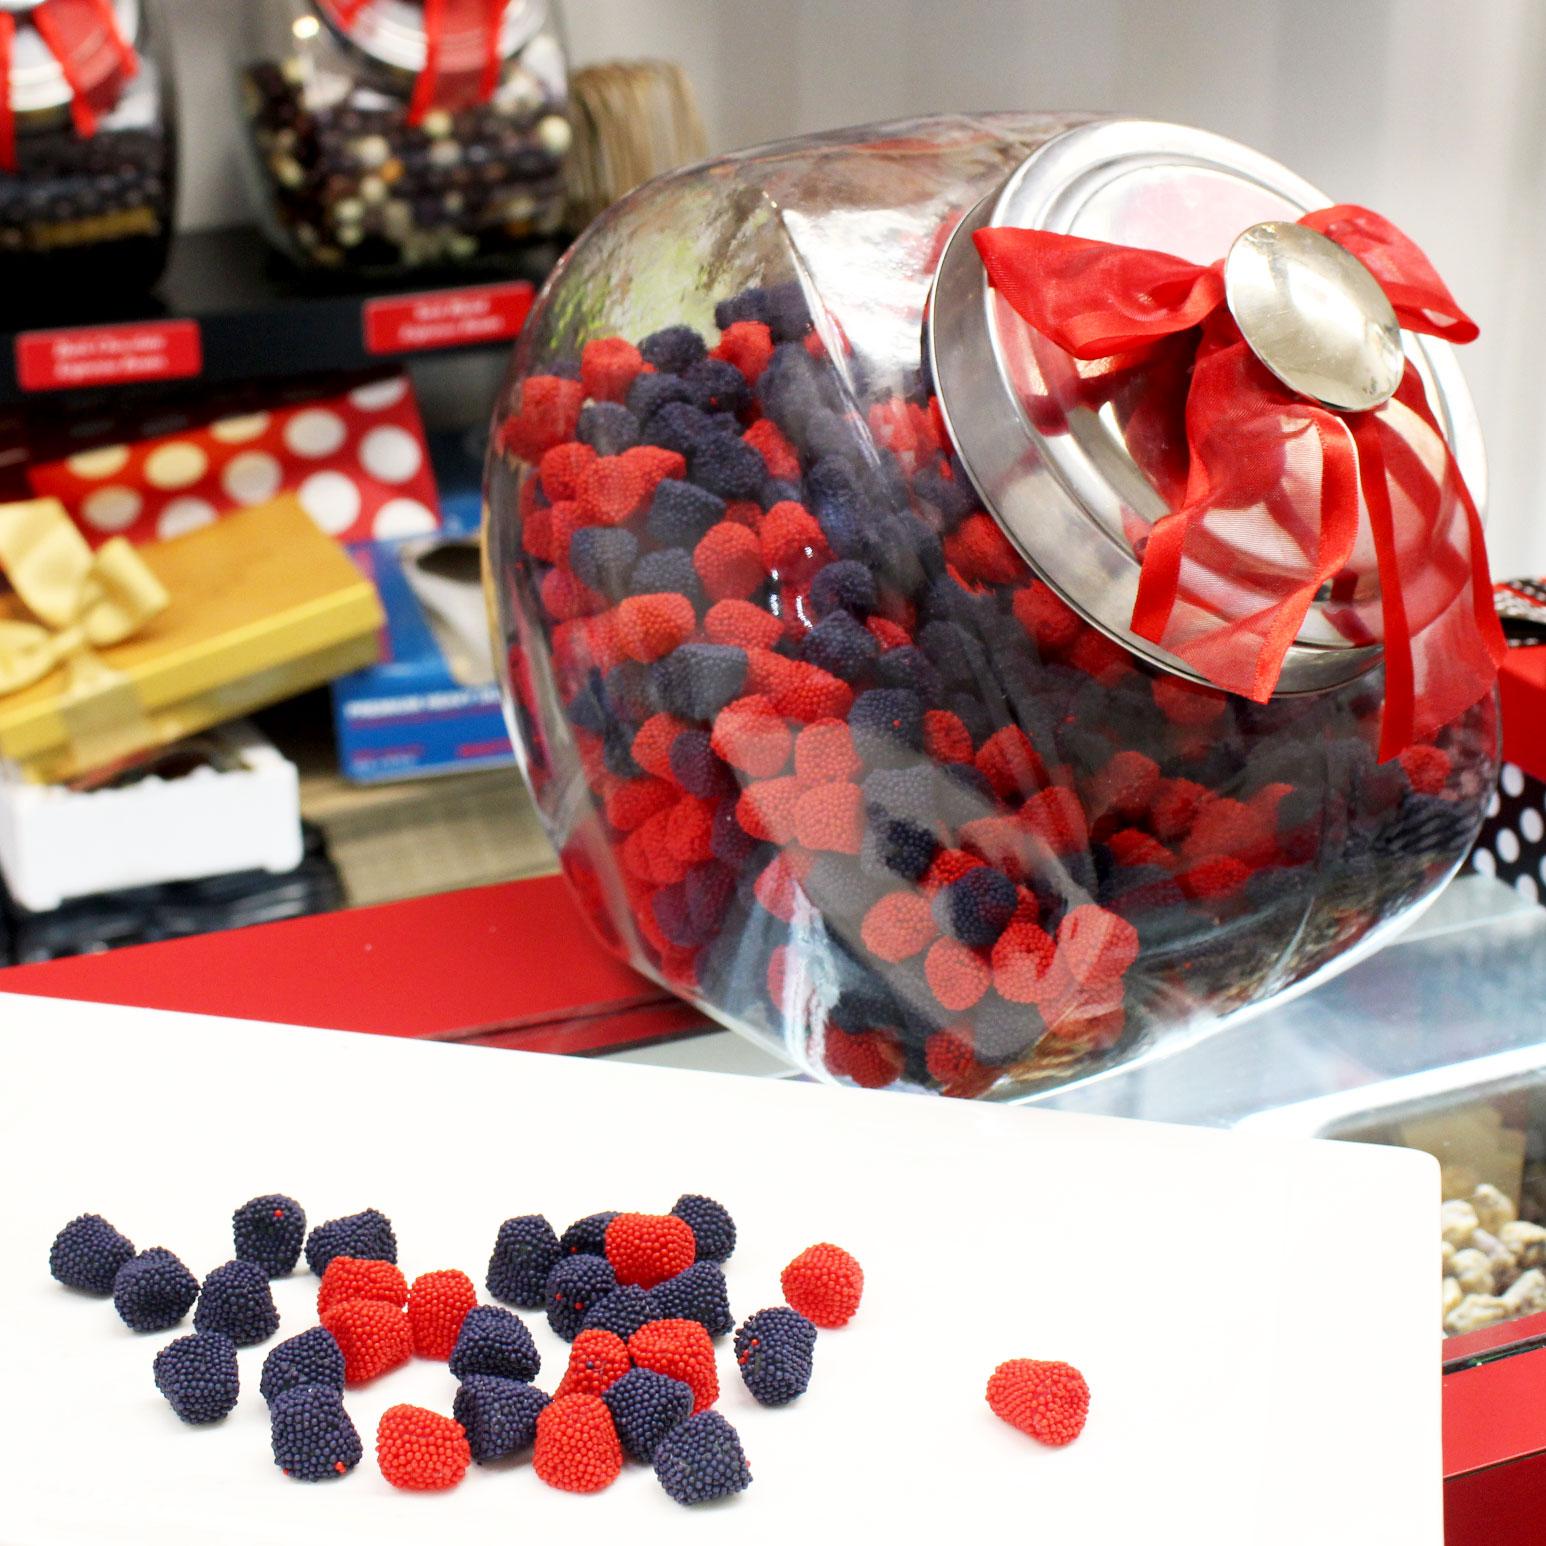 Raspberries and Blackberries -